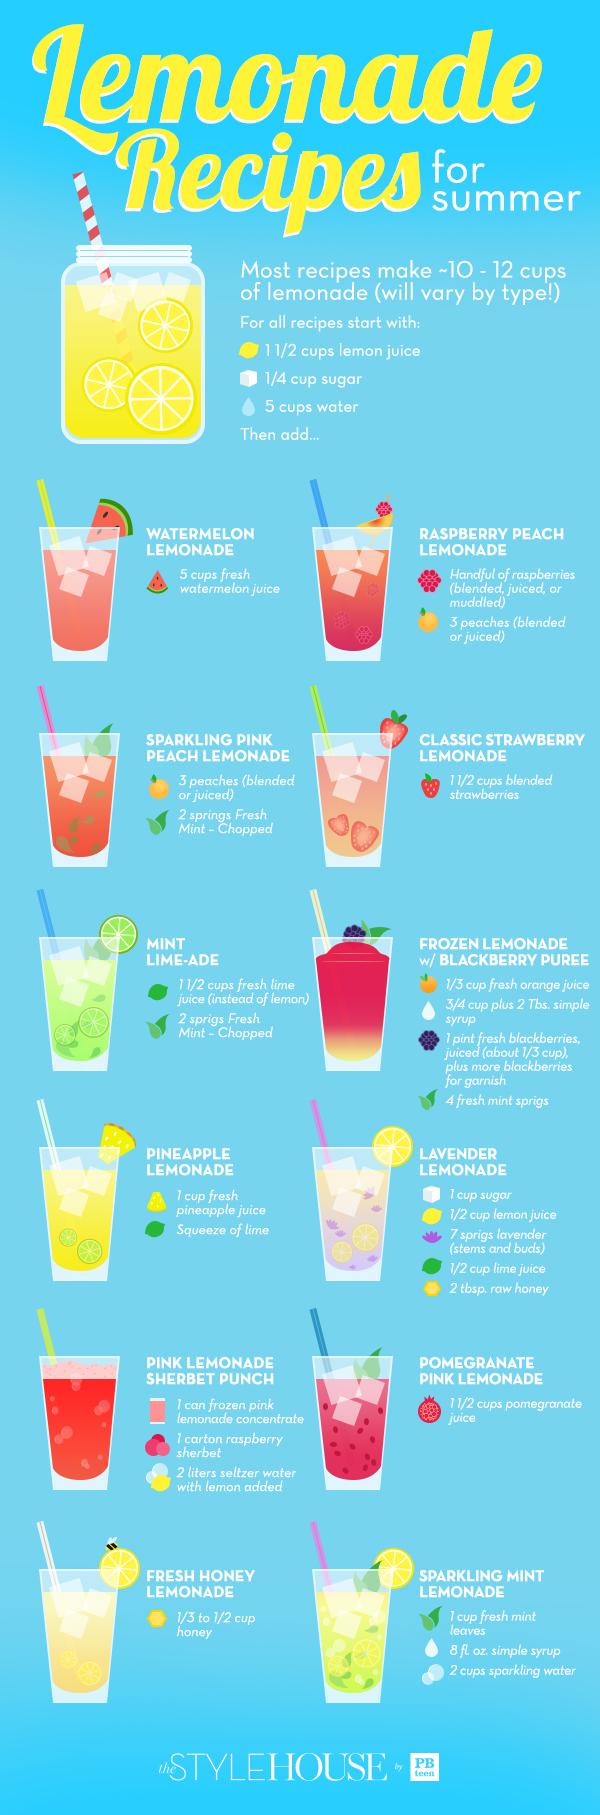 Blog_Lemonade_Recipes